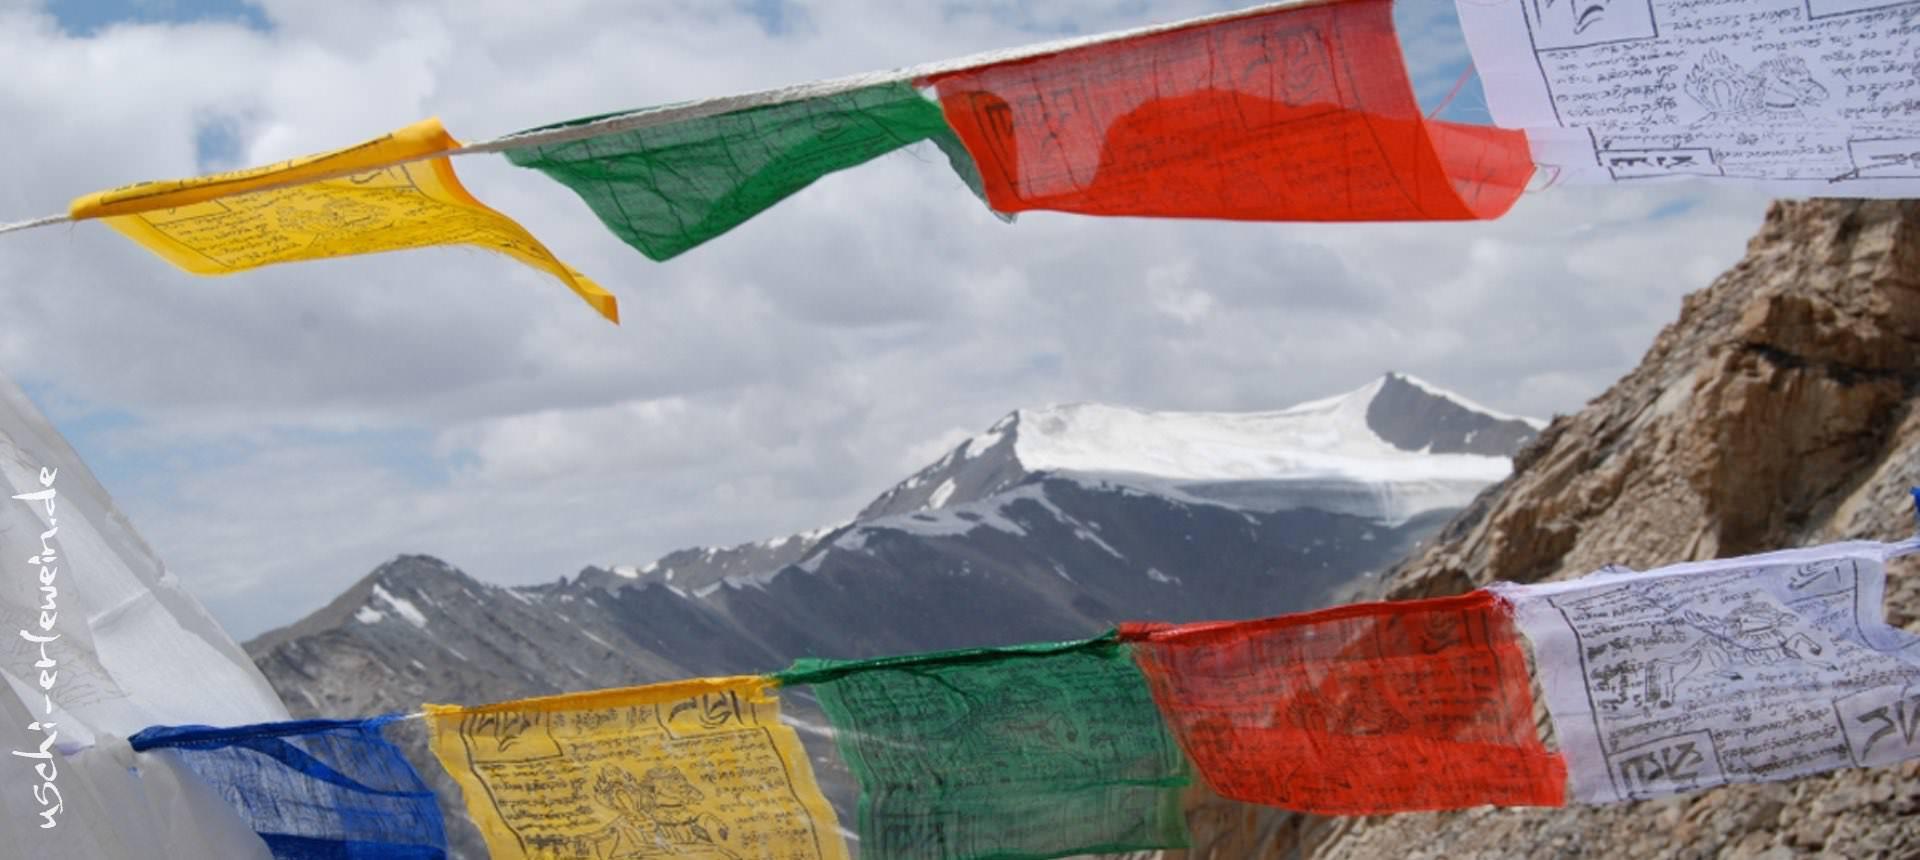 Portfoliofoto: Tibetische Weisheiten live erzählt: Geschichten vom Dach der Welt